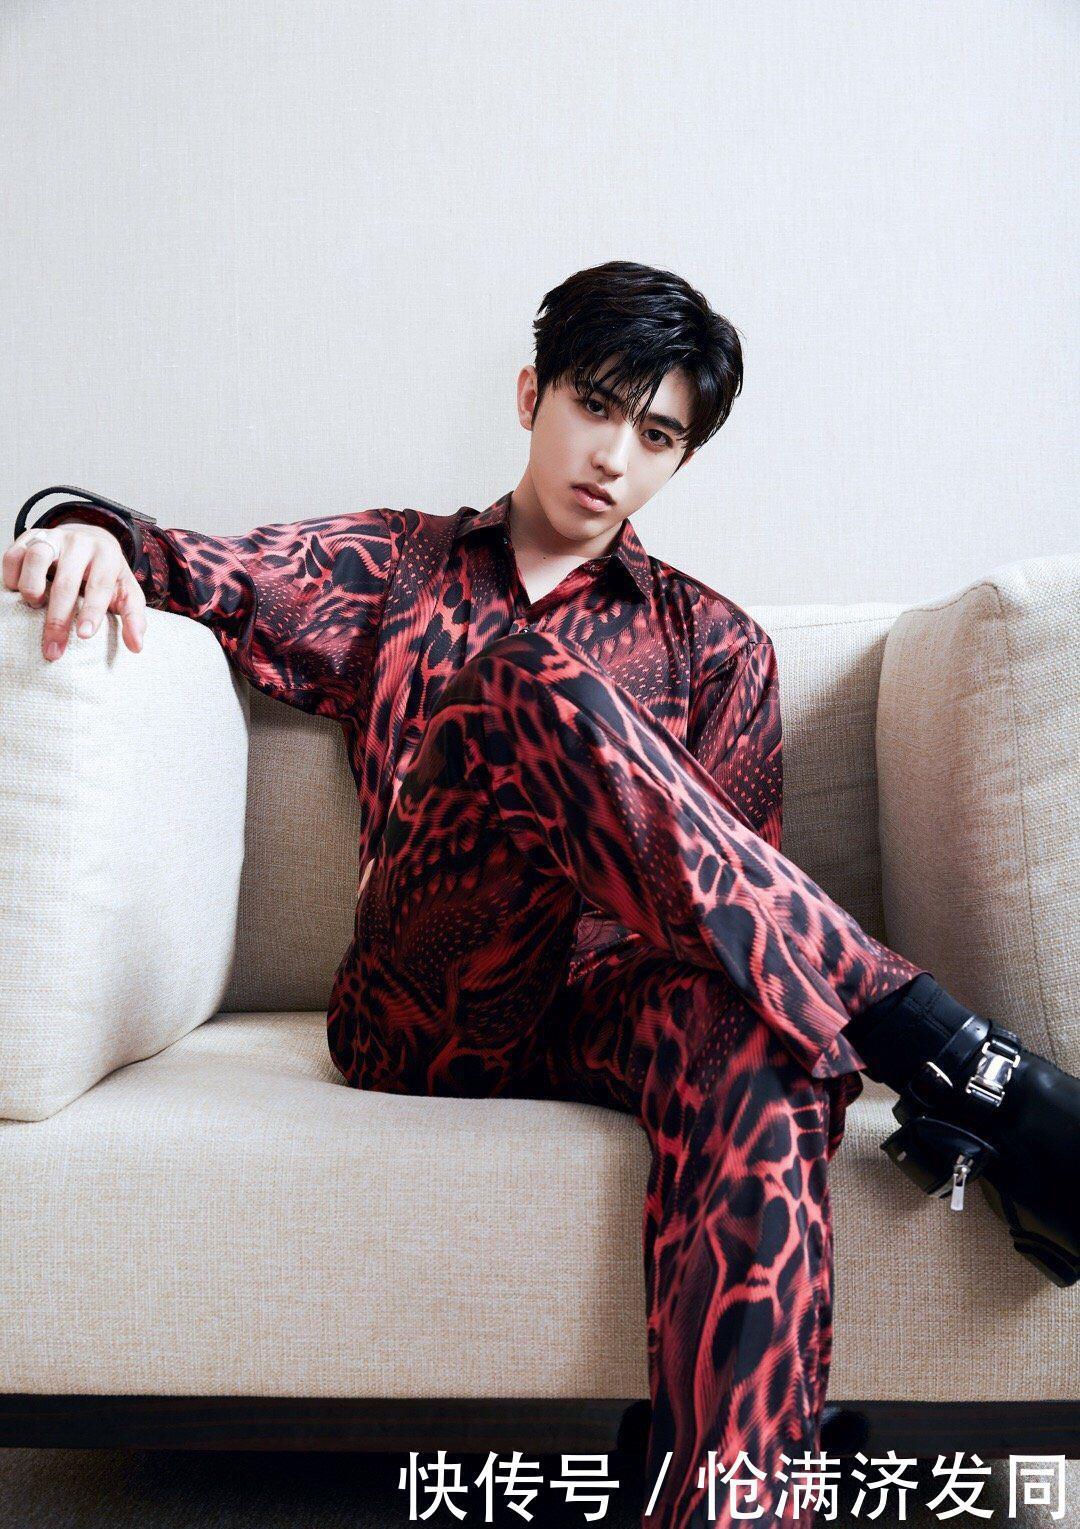 有一种帅叫做蔡徐坤穿红色了,隔着屏幕都觉得帅